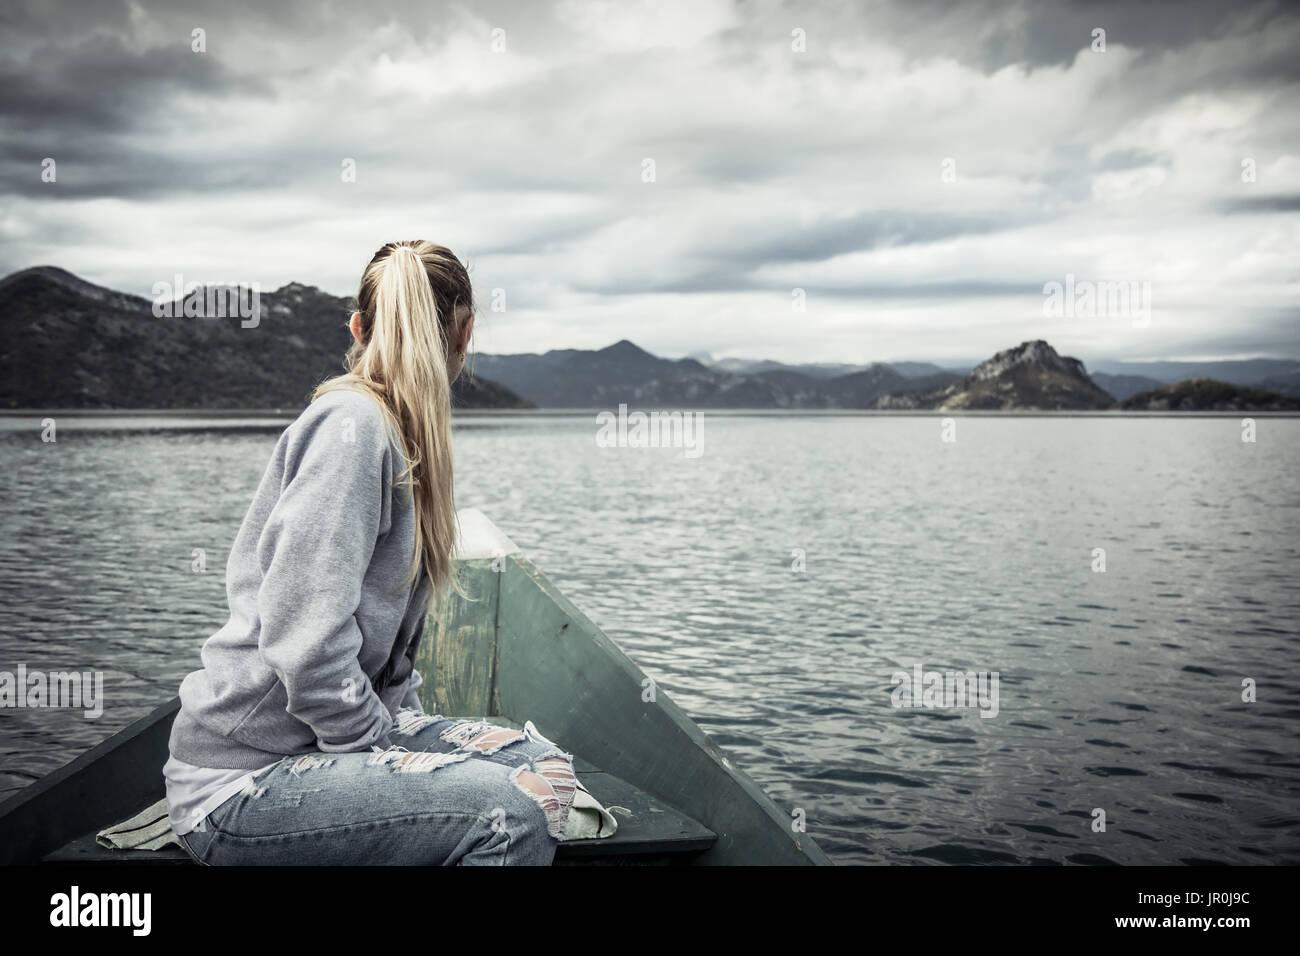 Nachdenkliche junge Frau Touristen in schöner Landschaft, am Bug des Bootes auf dem Wasser schwimmend in Richtung Ufer im bewölkten Tag mit dramatischen Himmel Stockbild